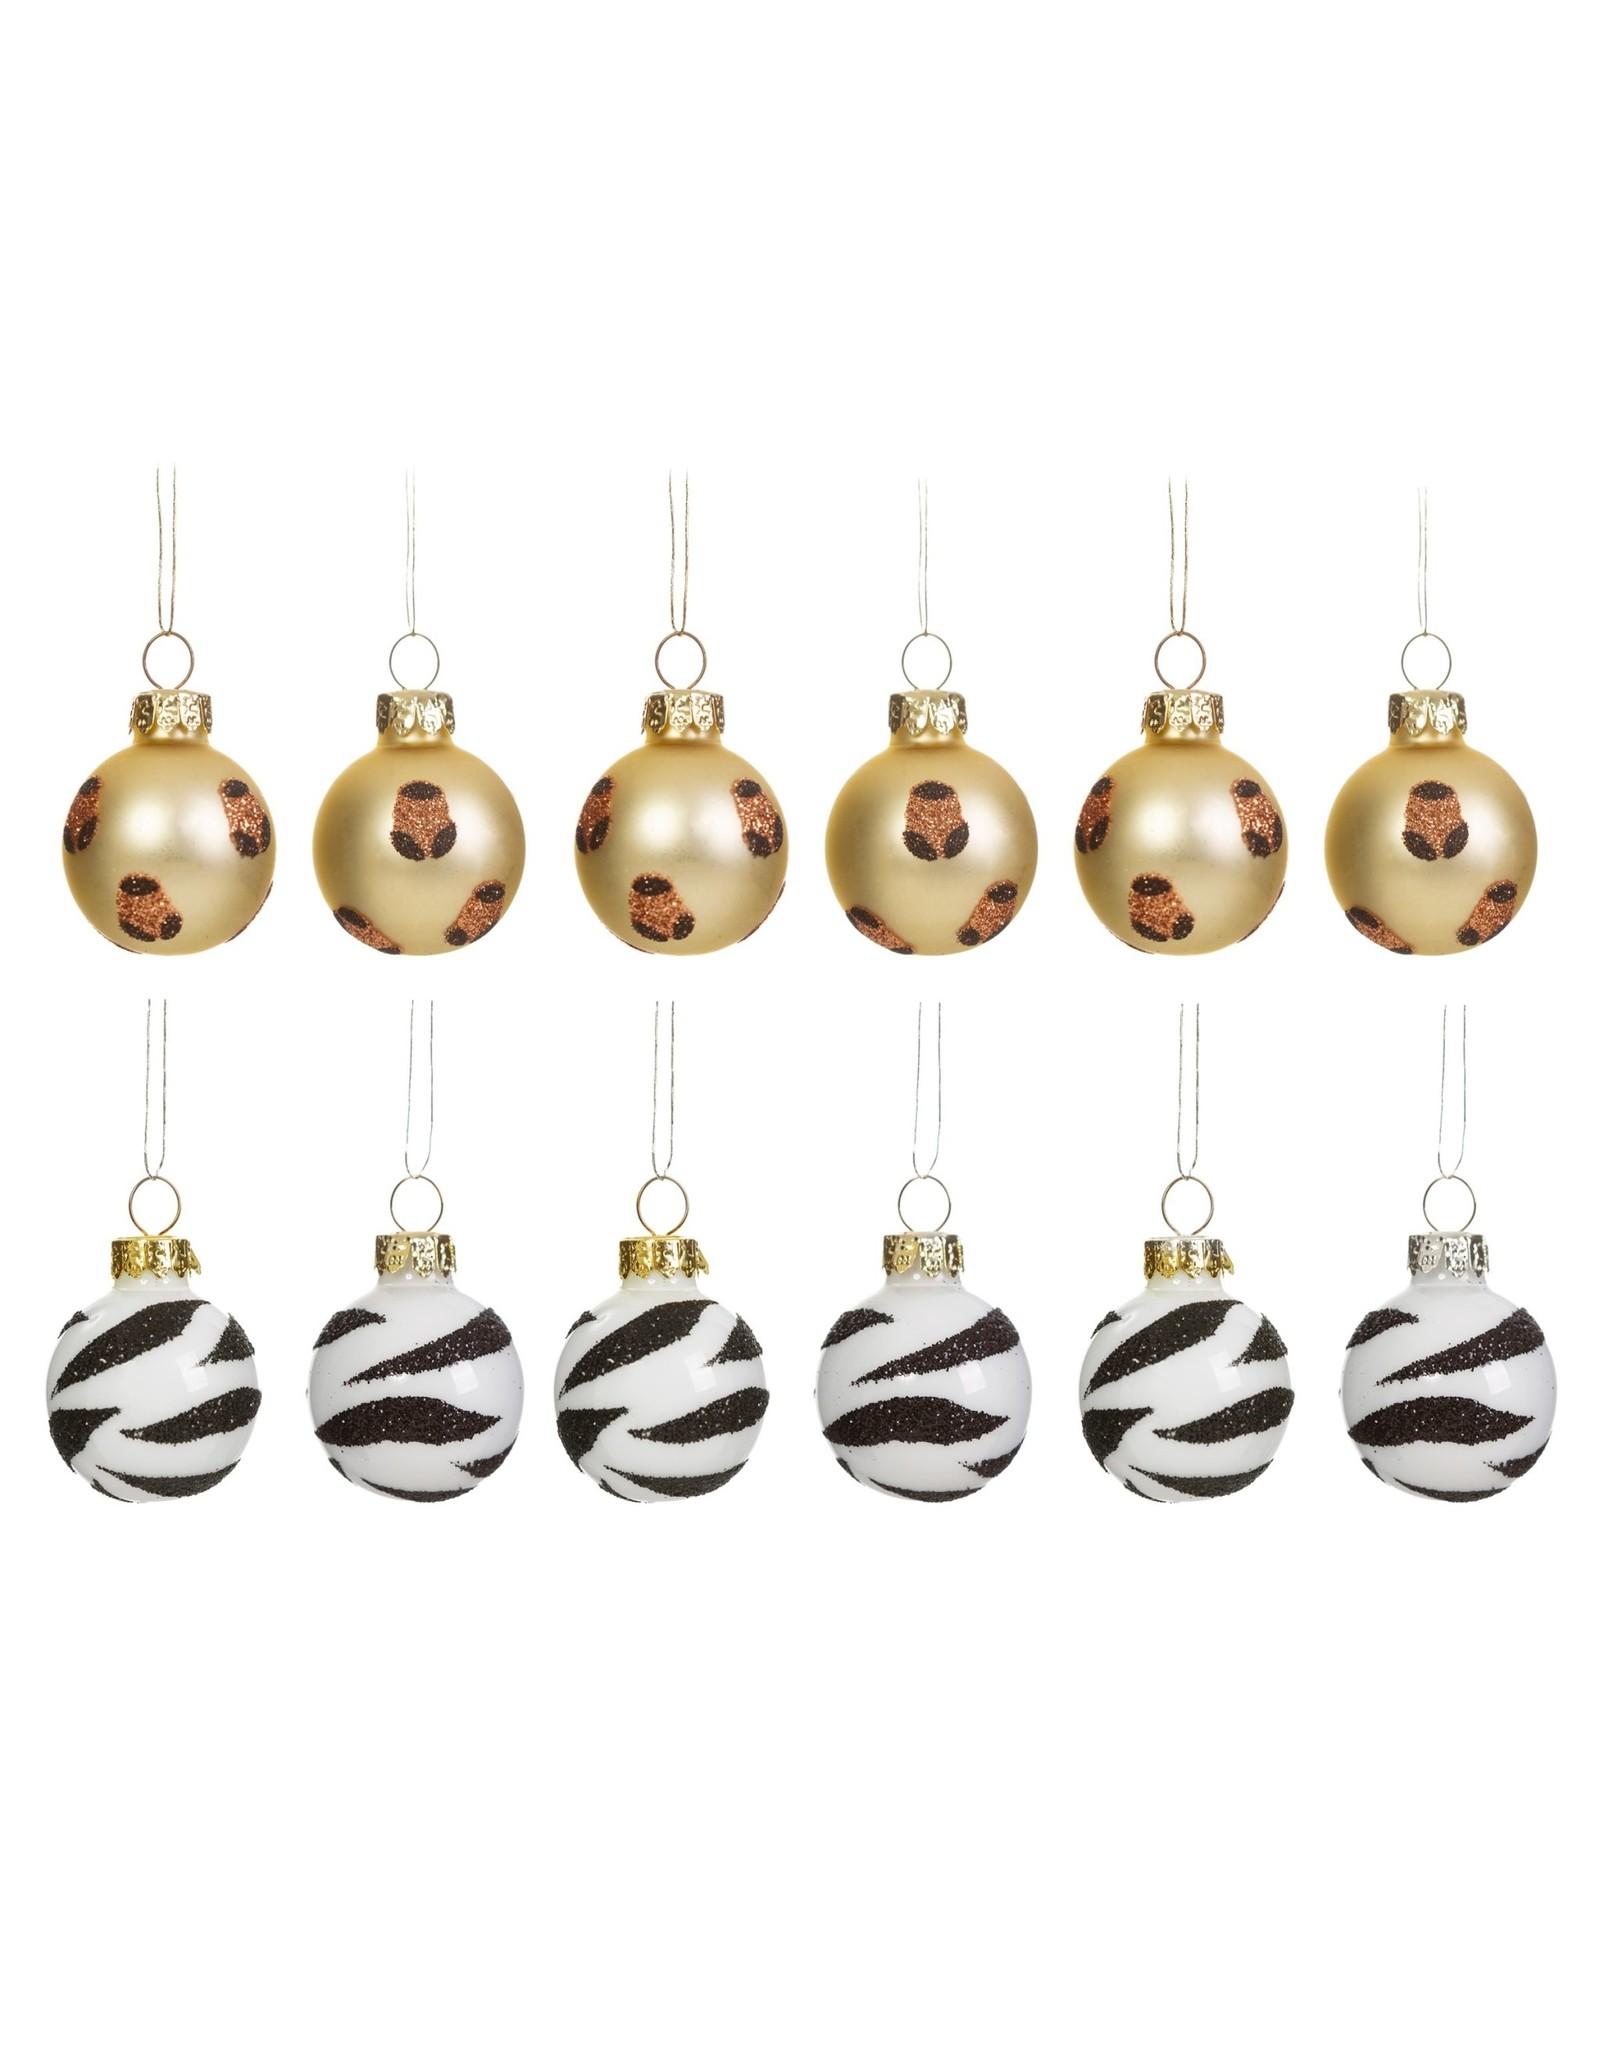 Kerstballen mini zebra & luipaard 12st.